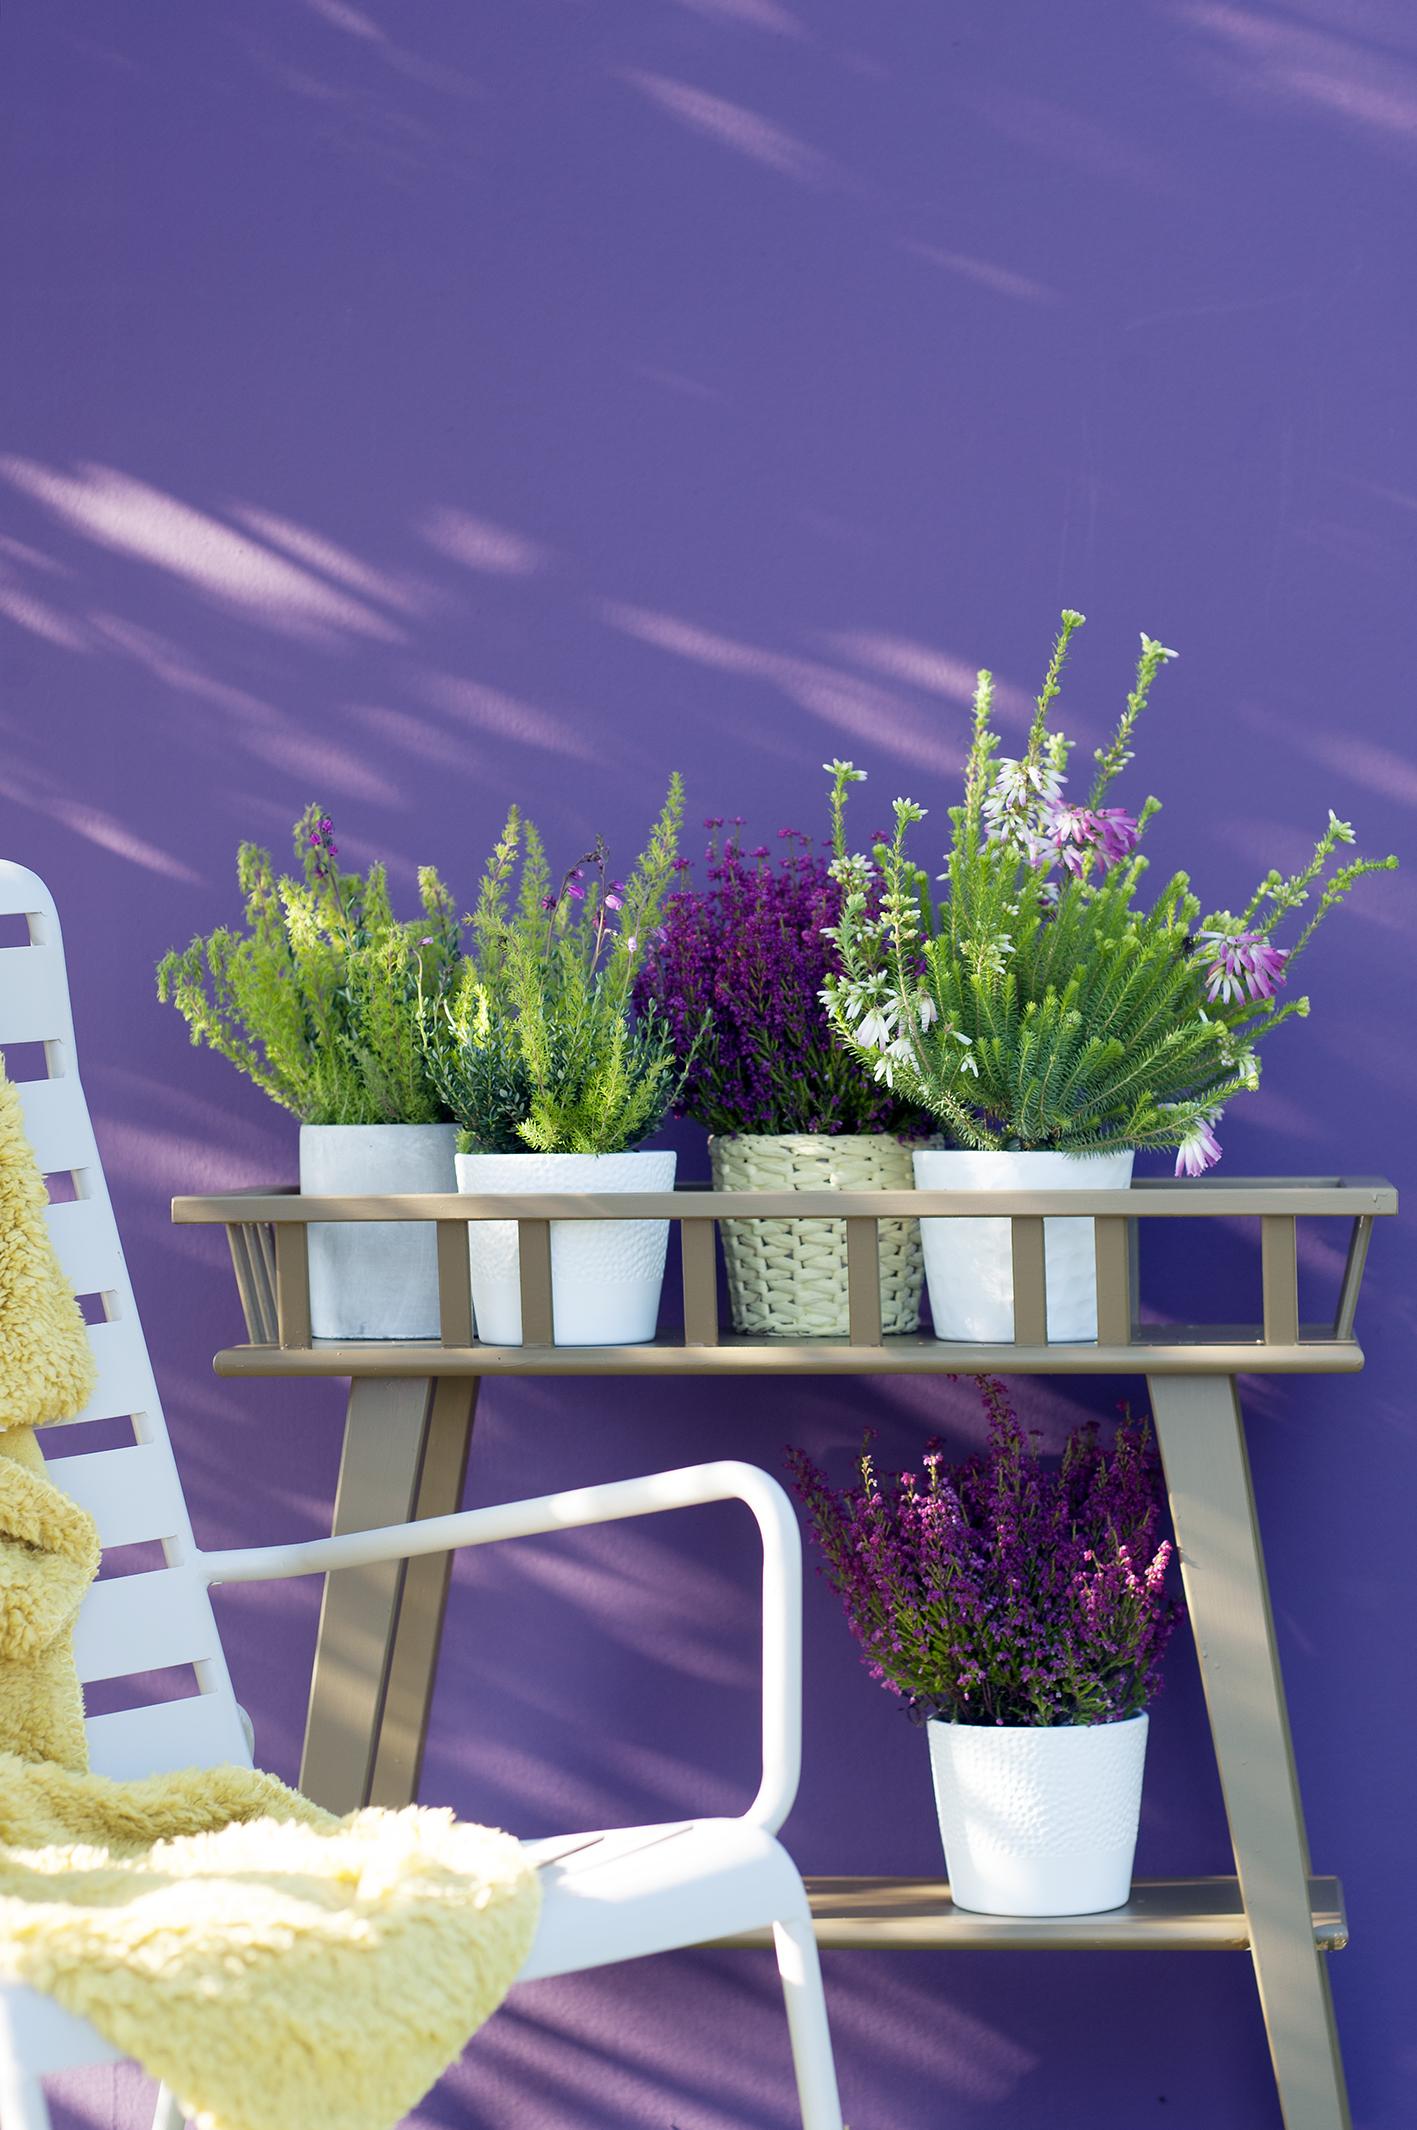 tuinplant-van-de-maand-januari-erica-006-kopie